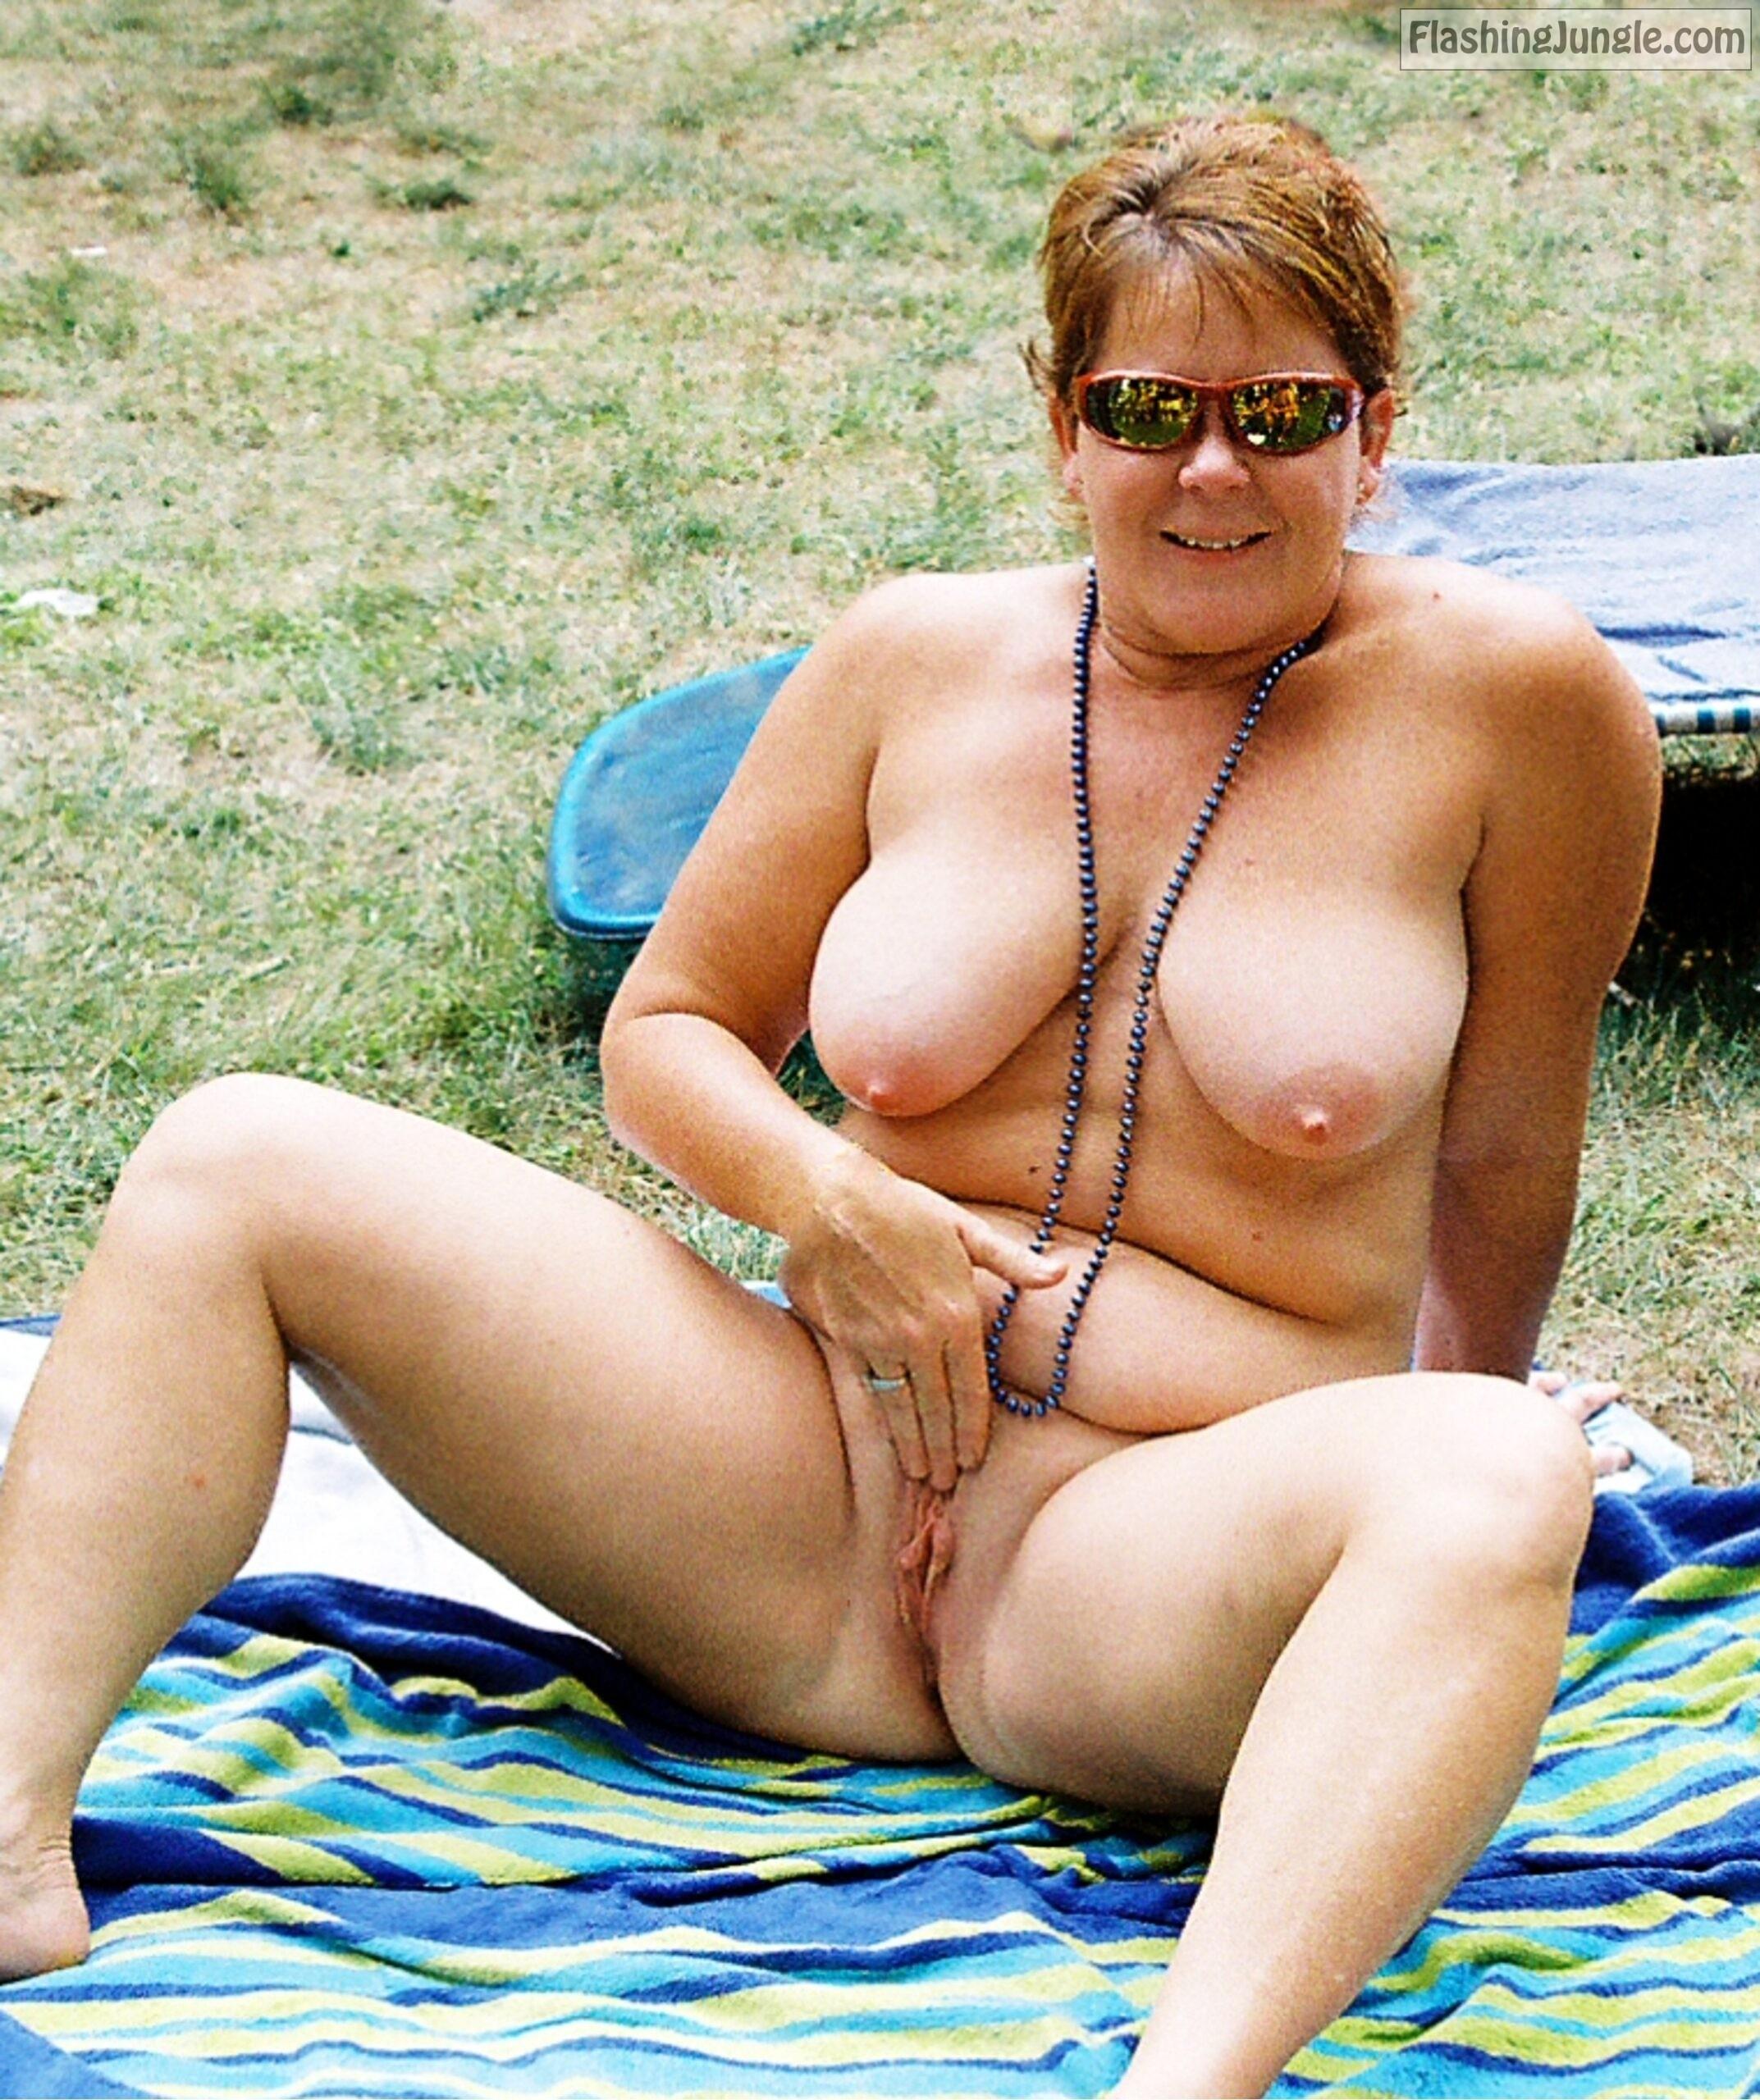 Tumblr public nudity